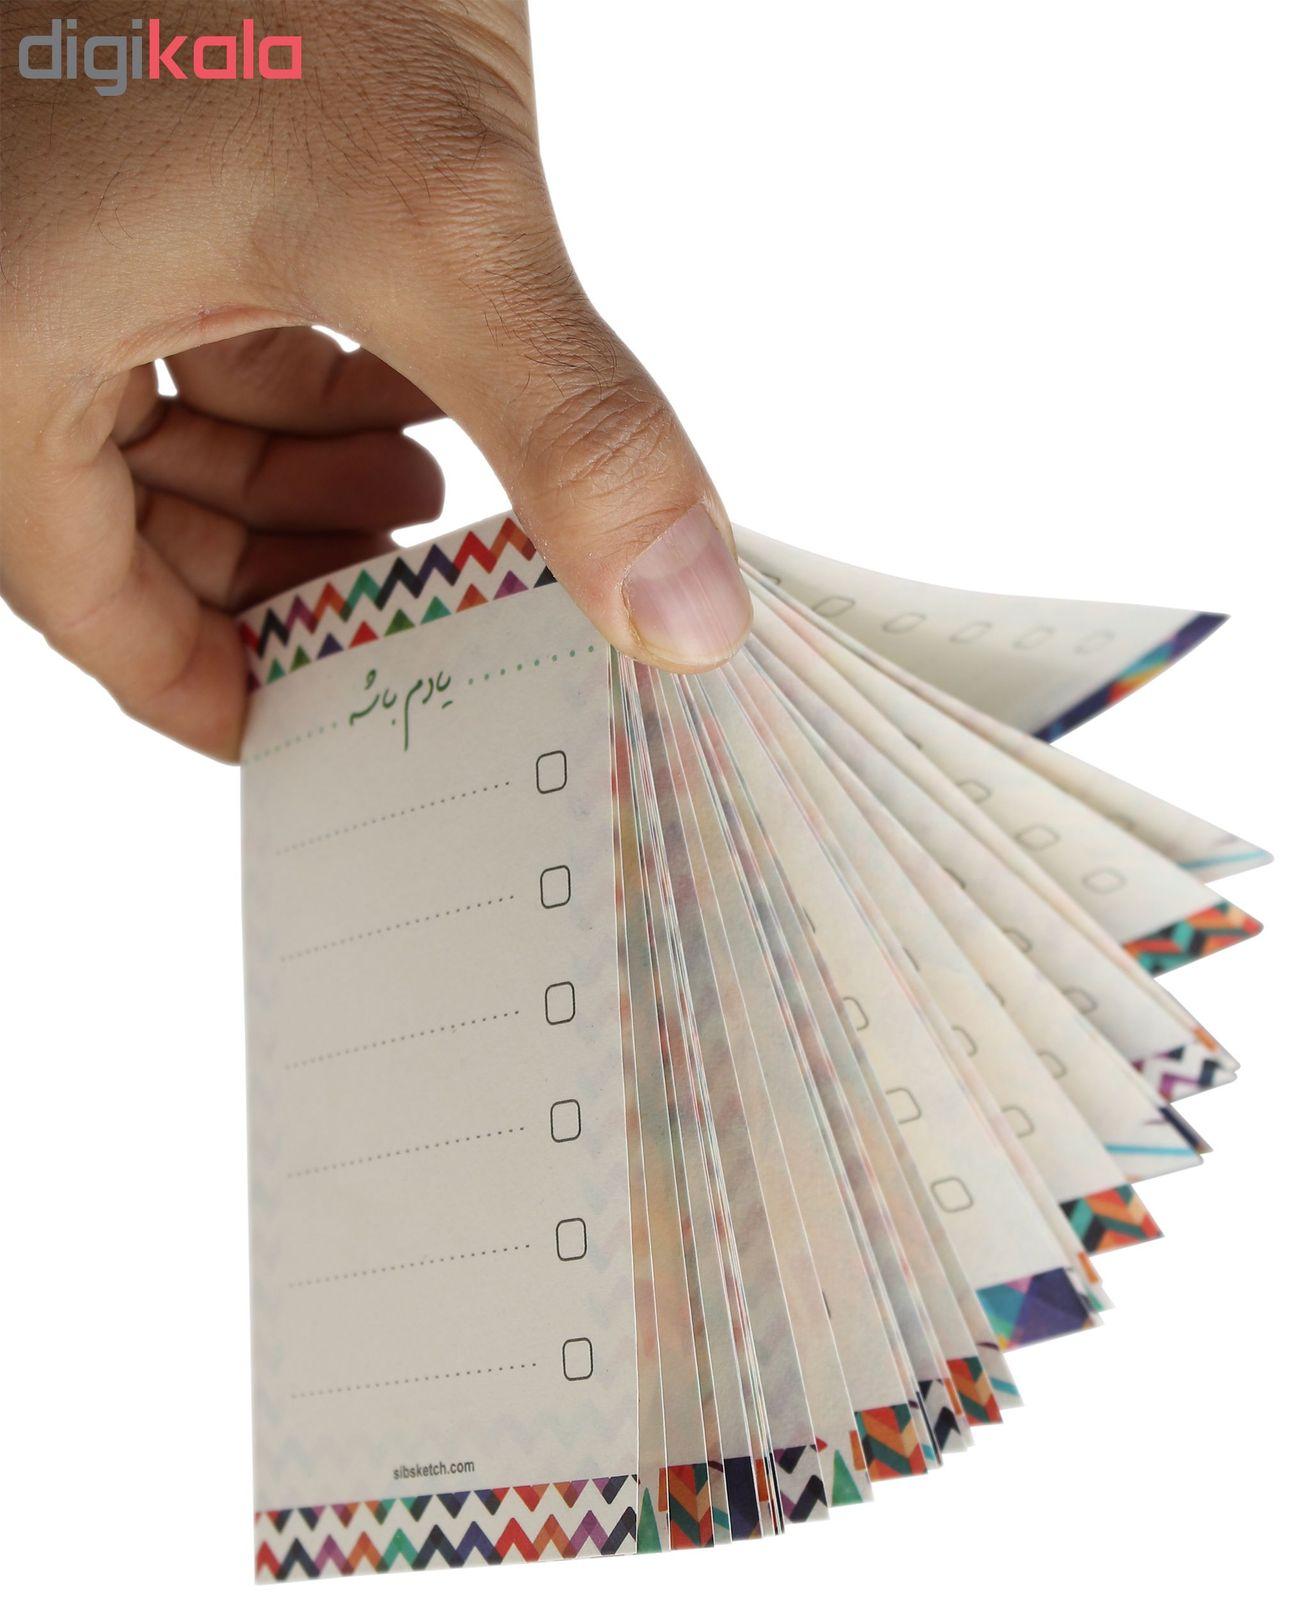 کاغذ یادداشت طرح یادم باشه مجموعه 90 عددی main 1 5